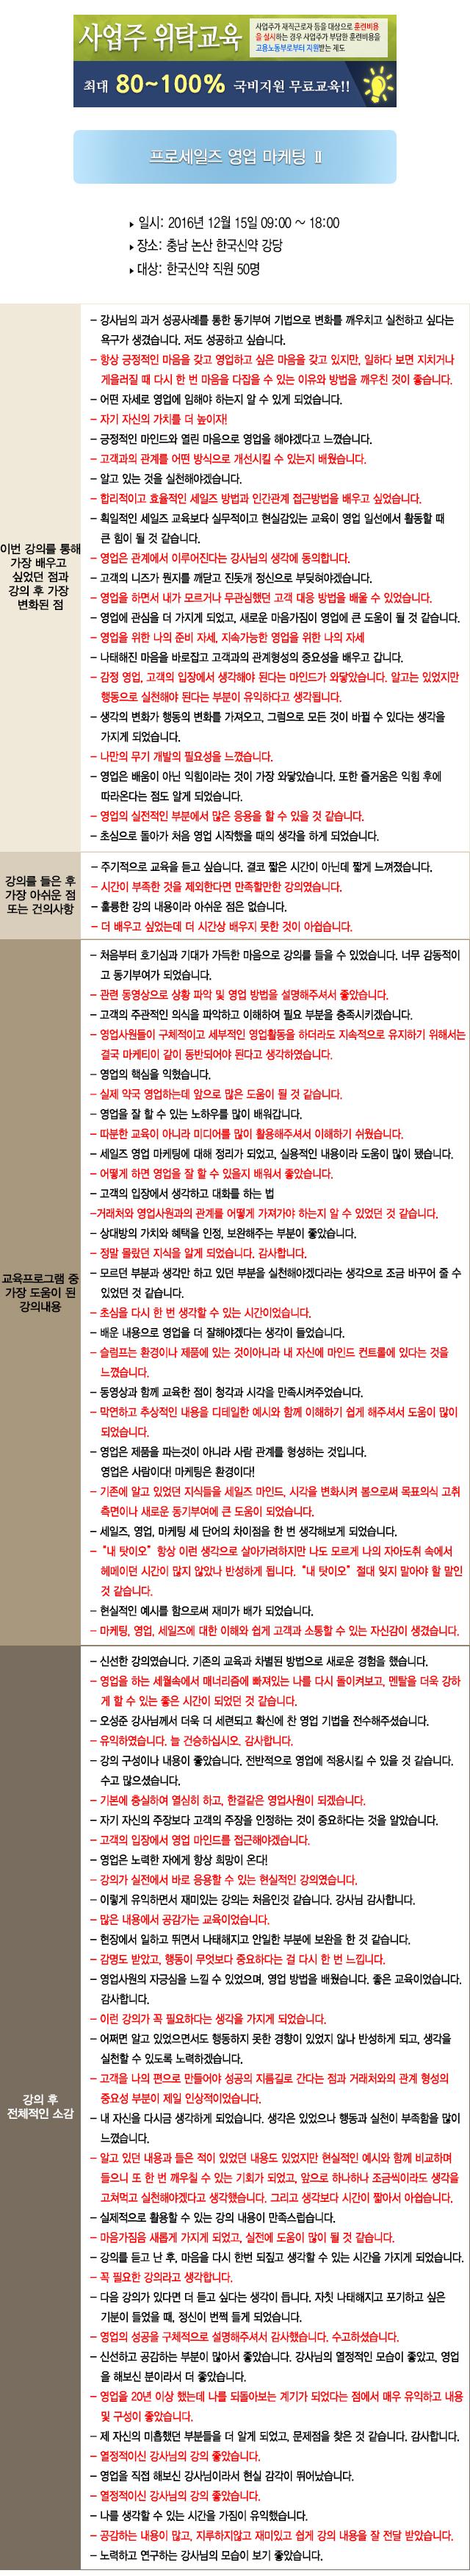 한국중앙인재개발원 후기 한국신약B.jpg